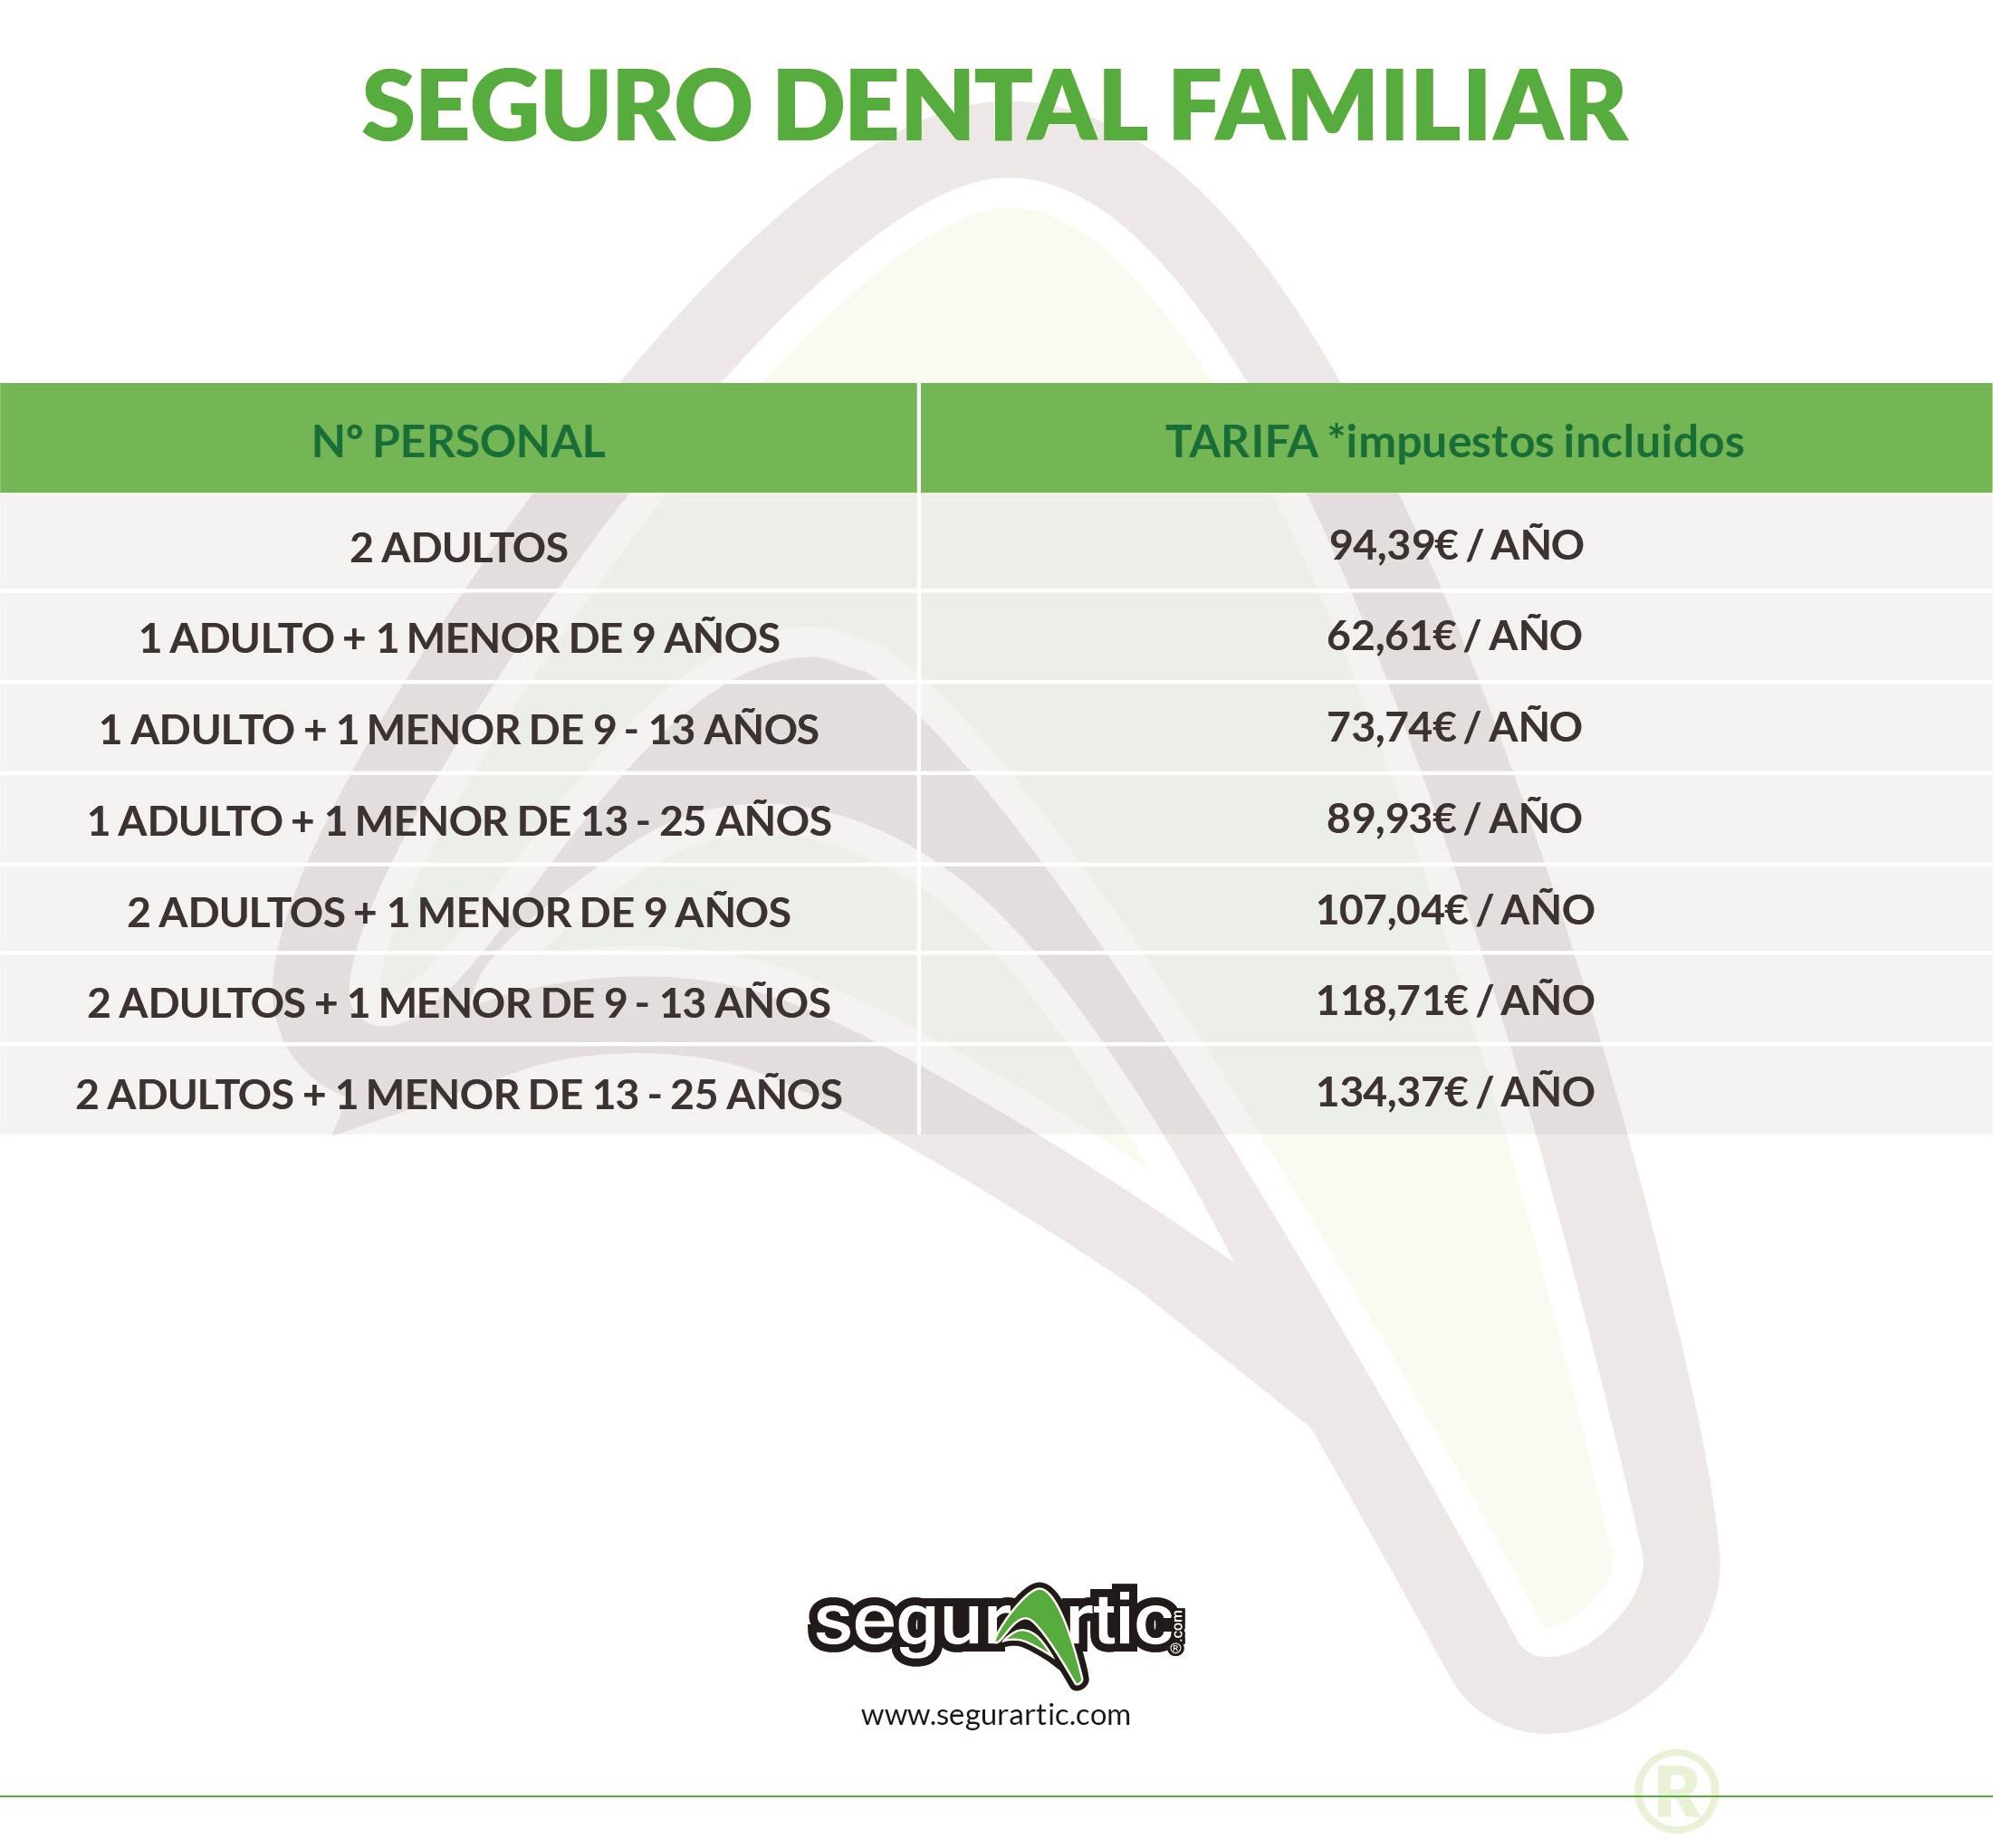 Seguro-dental, seguros-dentales, seguros-salud-dental, seguros-mutua-dental, seguros-de-salud-dental, seguros-medicos-dentales, dental, dentales, seguros-proteccion-dental,